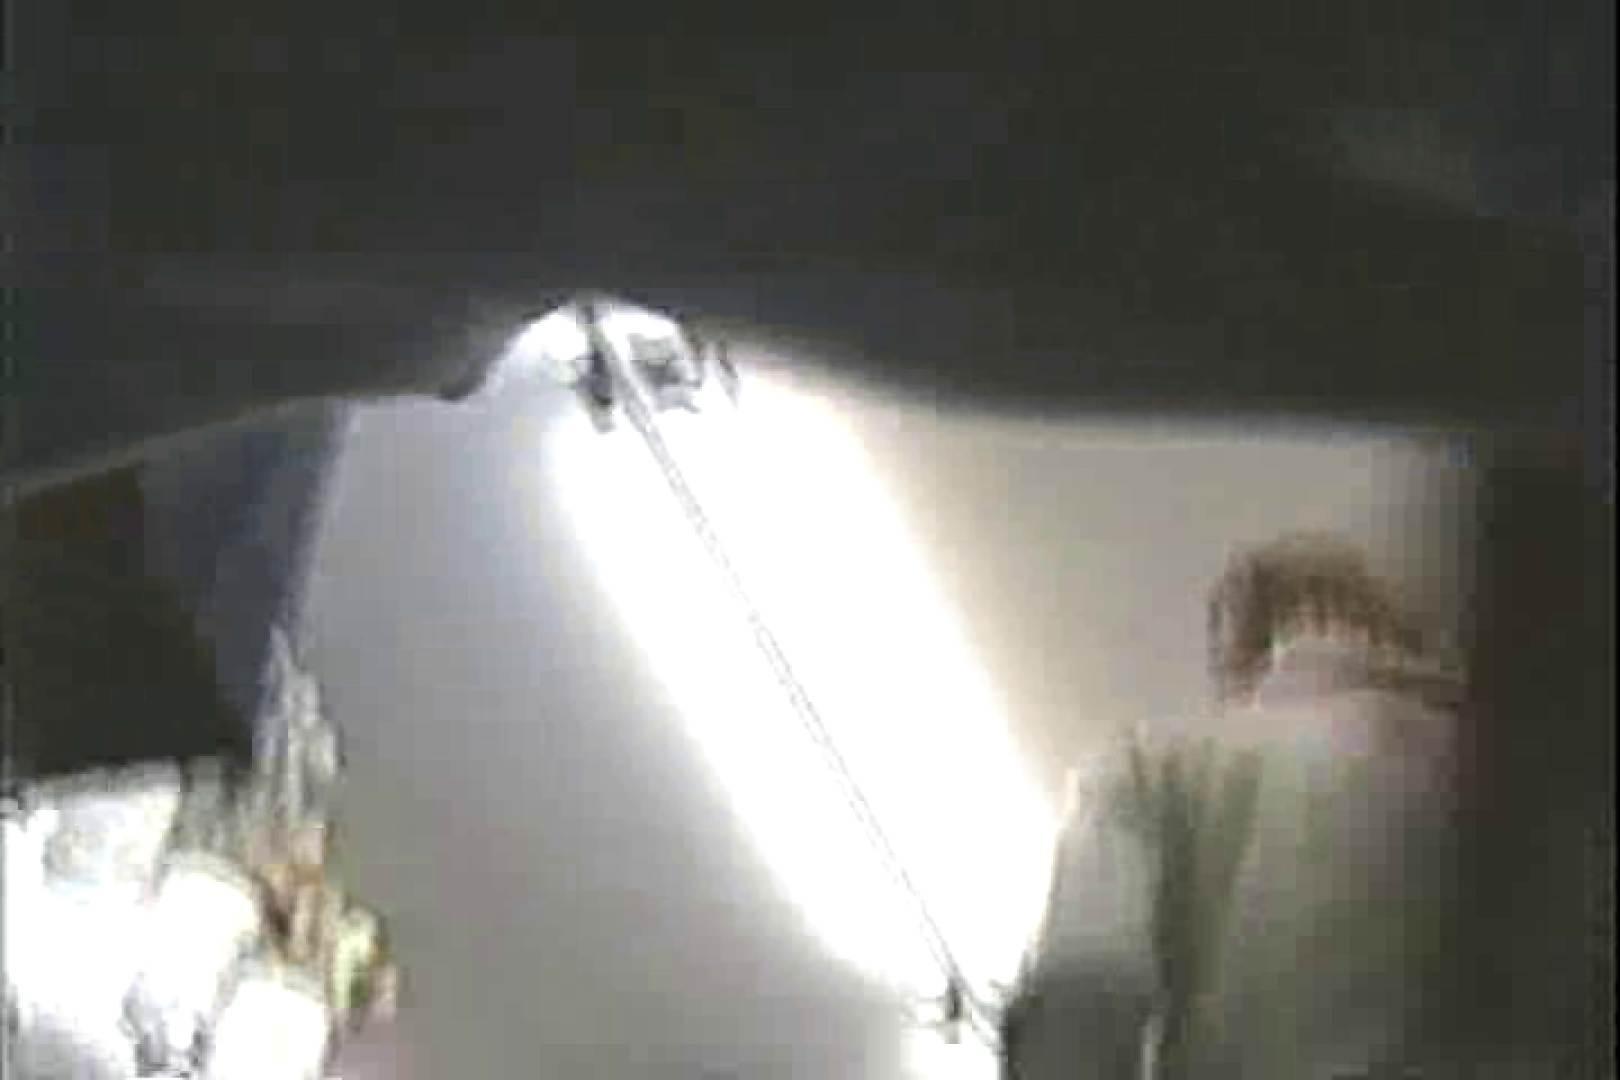 「ちくりん」さんのオリジナル未編集パンチラVol.3_02 チラ  87画像 80